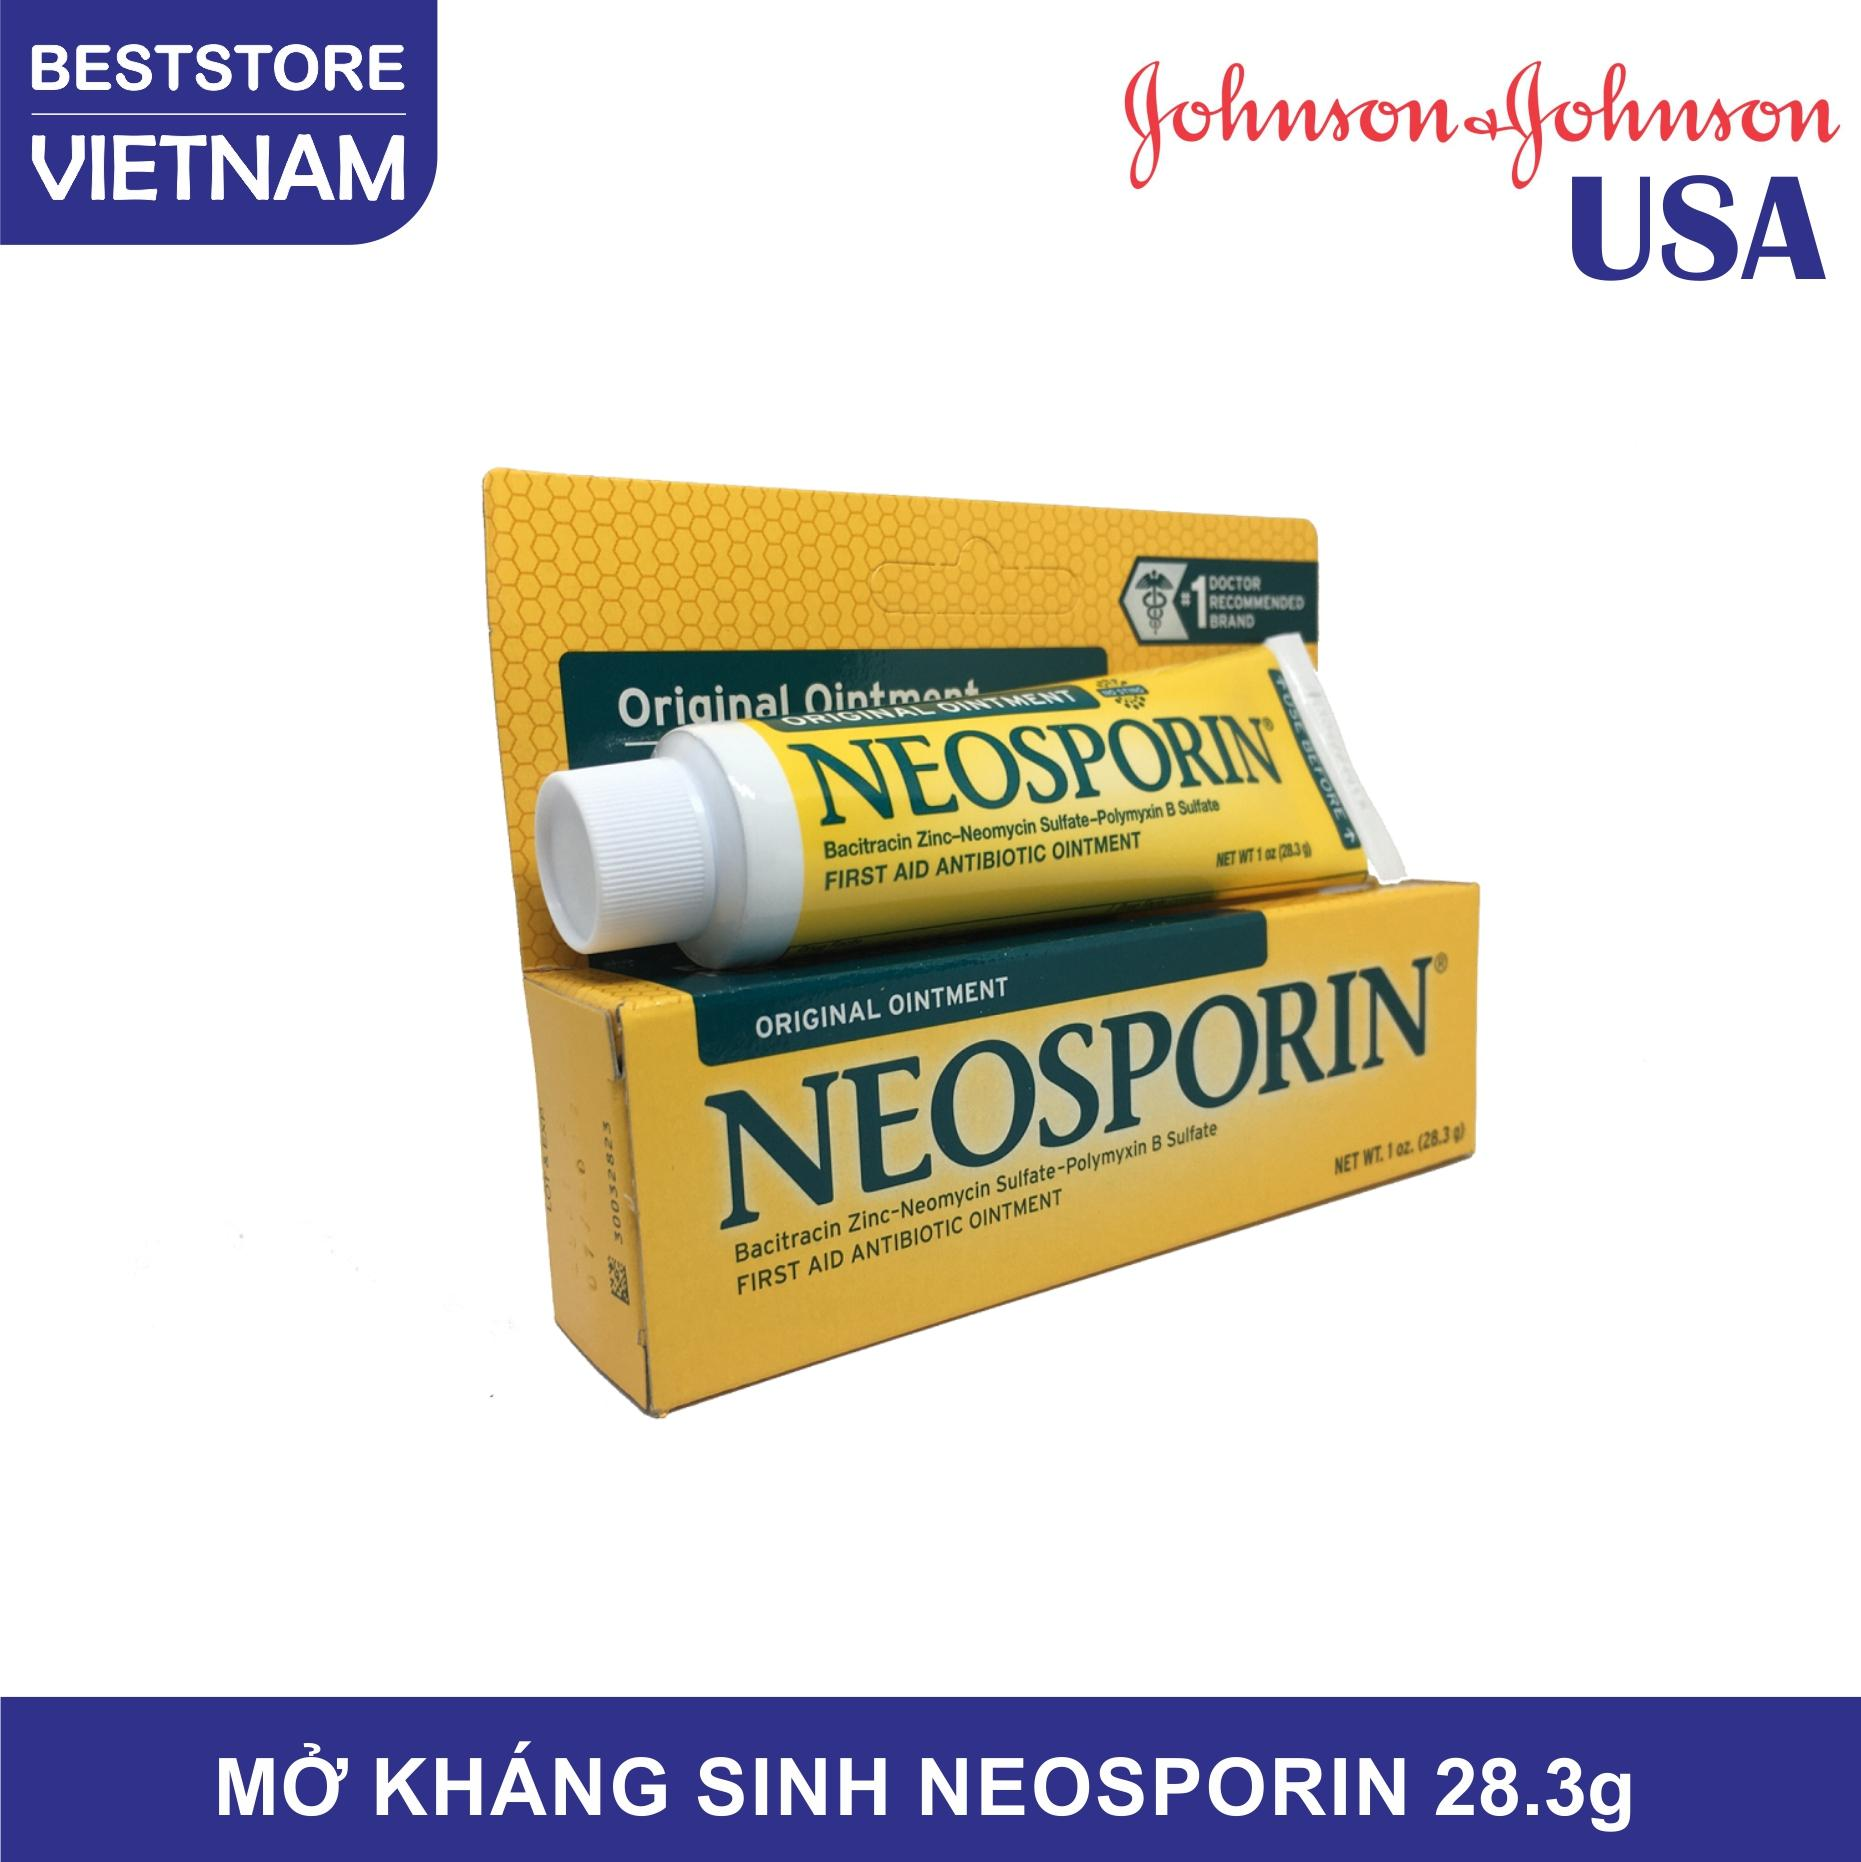 Mỡ Kháng Sinh NeoSporin - Original Ointment 28.3g, sản phẩm của Johnson & Johnson USA, giúp kháng viêm, hạn chế thẹo, giảm đau, giảm mẩn ngứa do côn trùng cắn hiệu quả, dùng được cho cả thú cưng